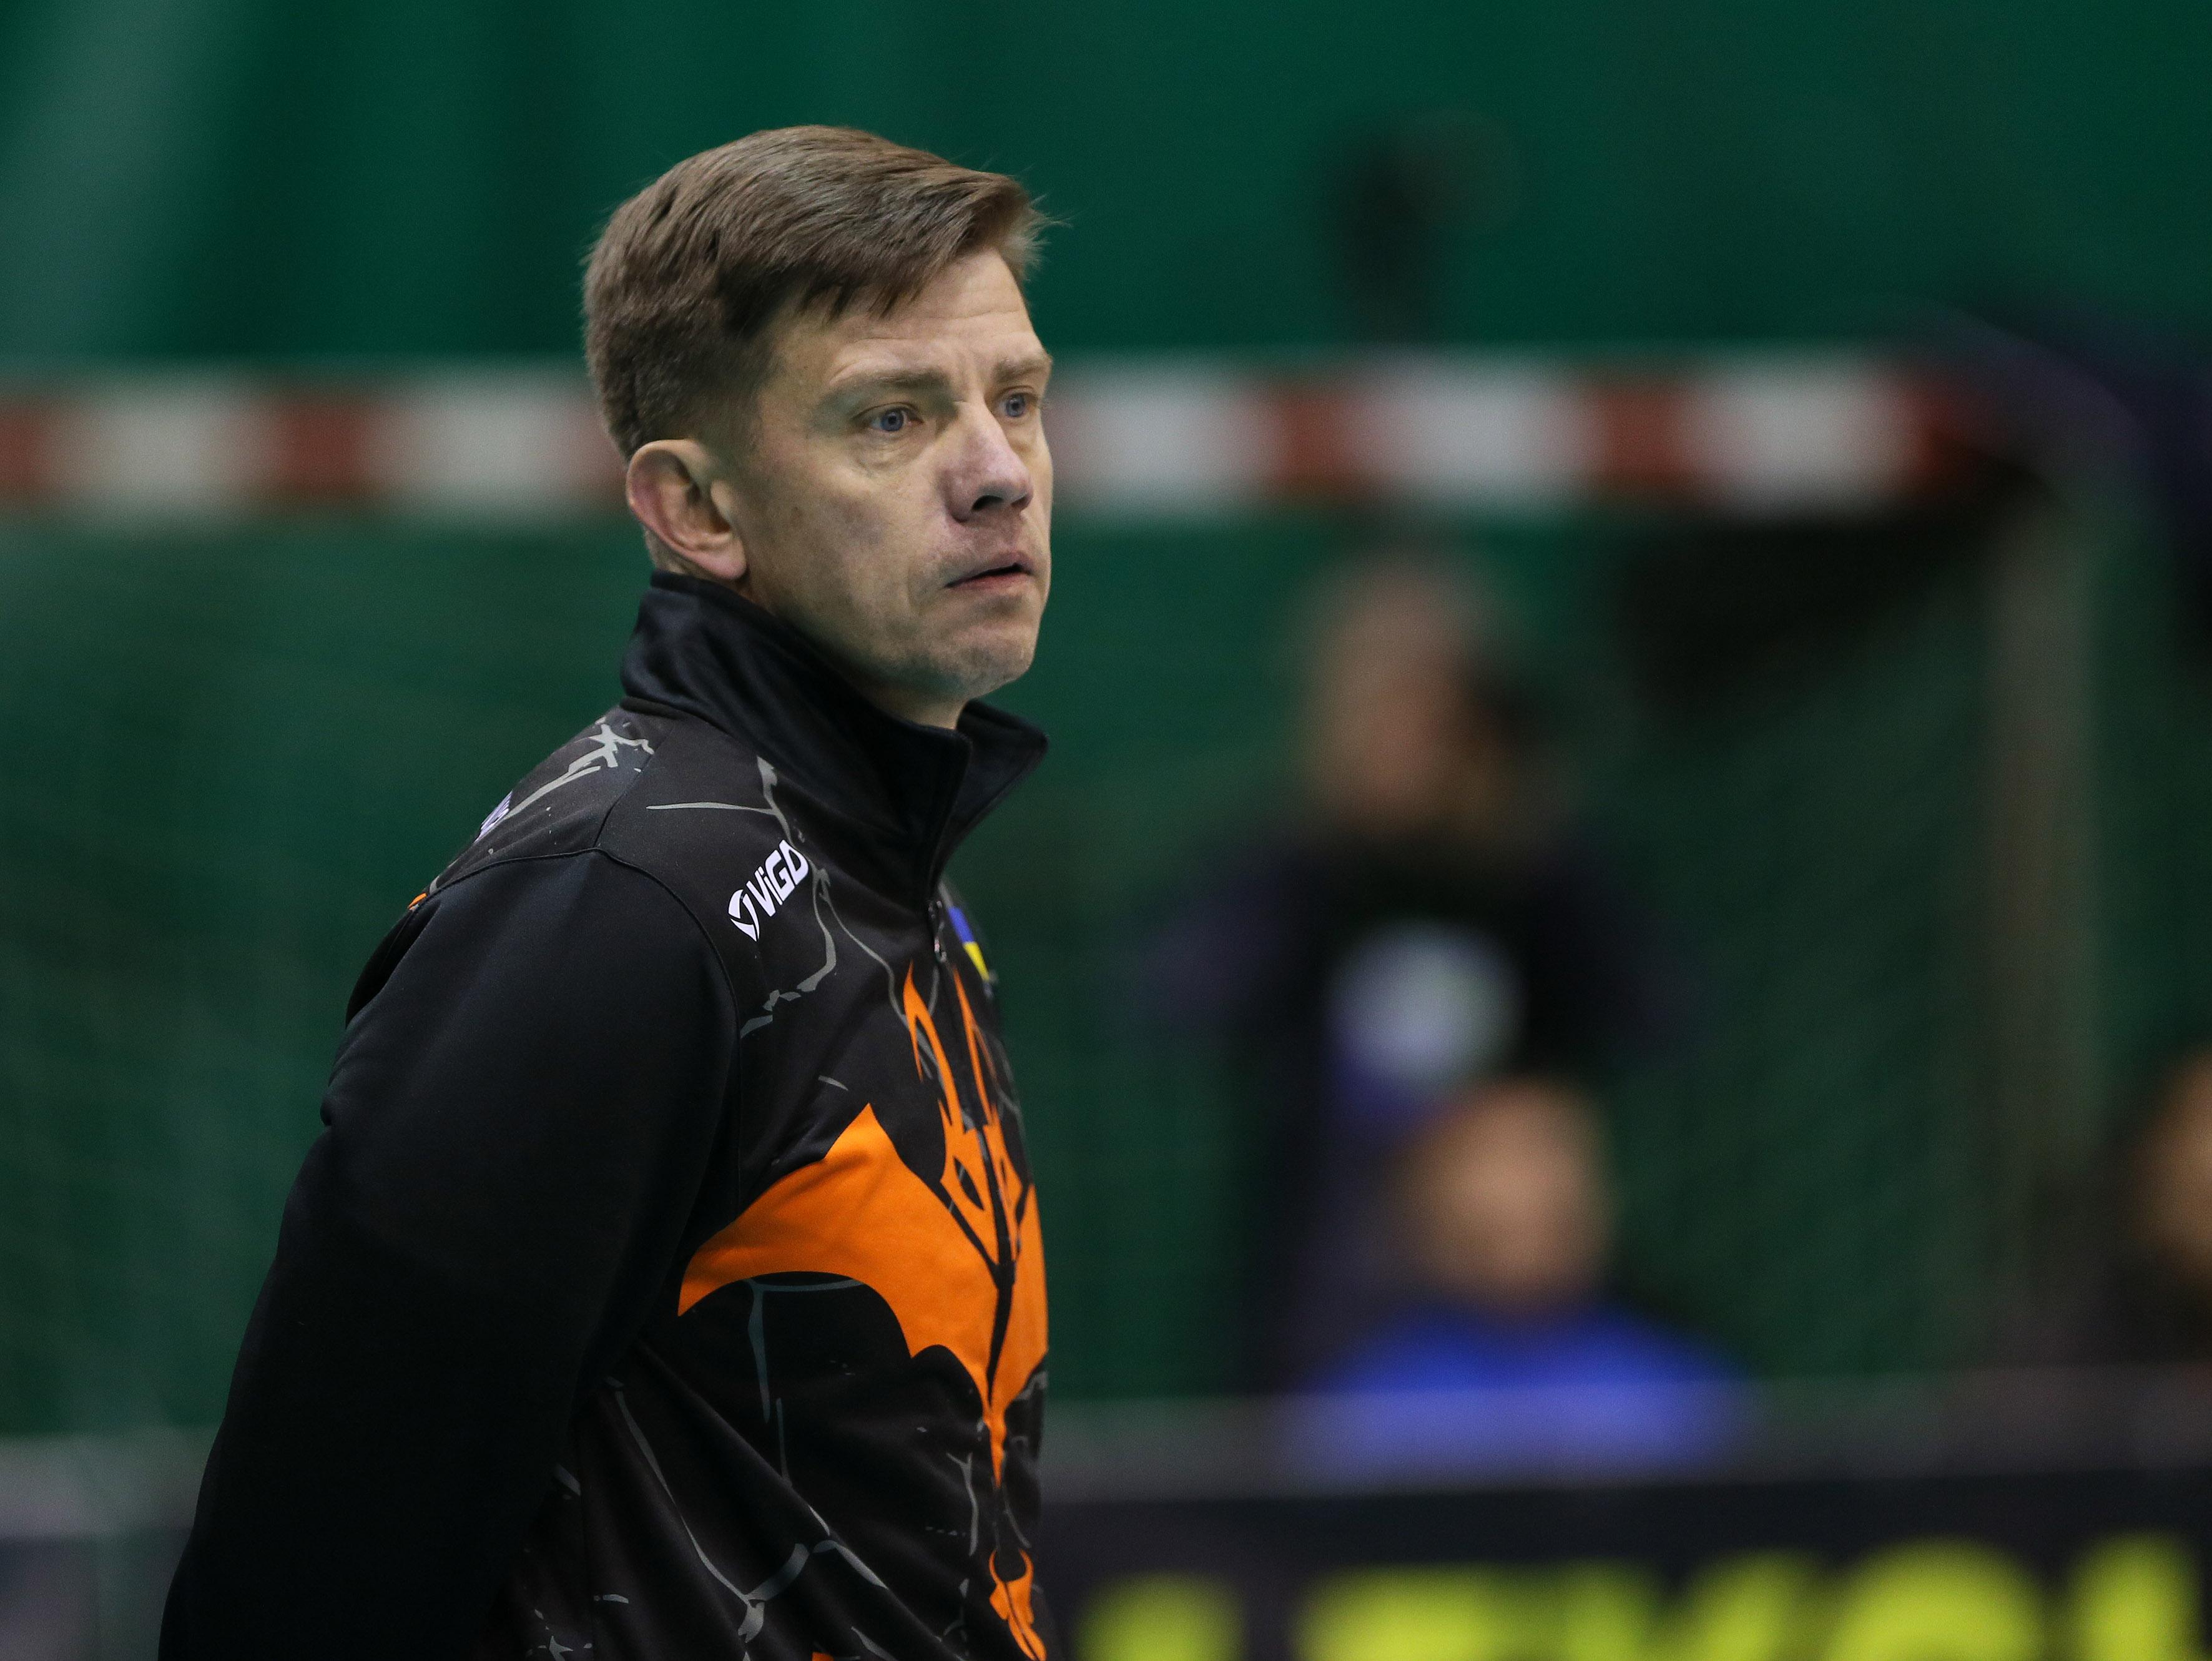 Угіс Крастіньш: «Ми дуже розраховуємо на підтримку вболівальників під час гри з «Лозанною»